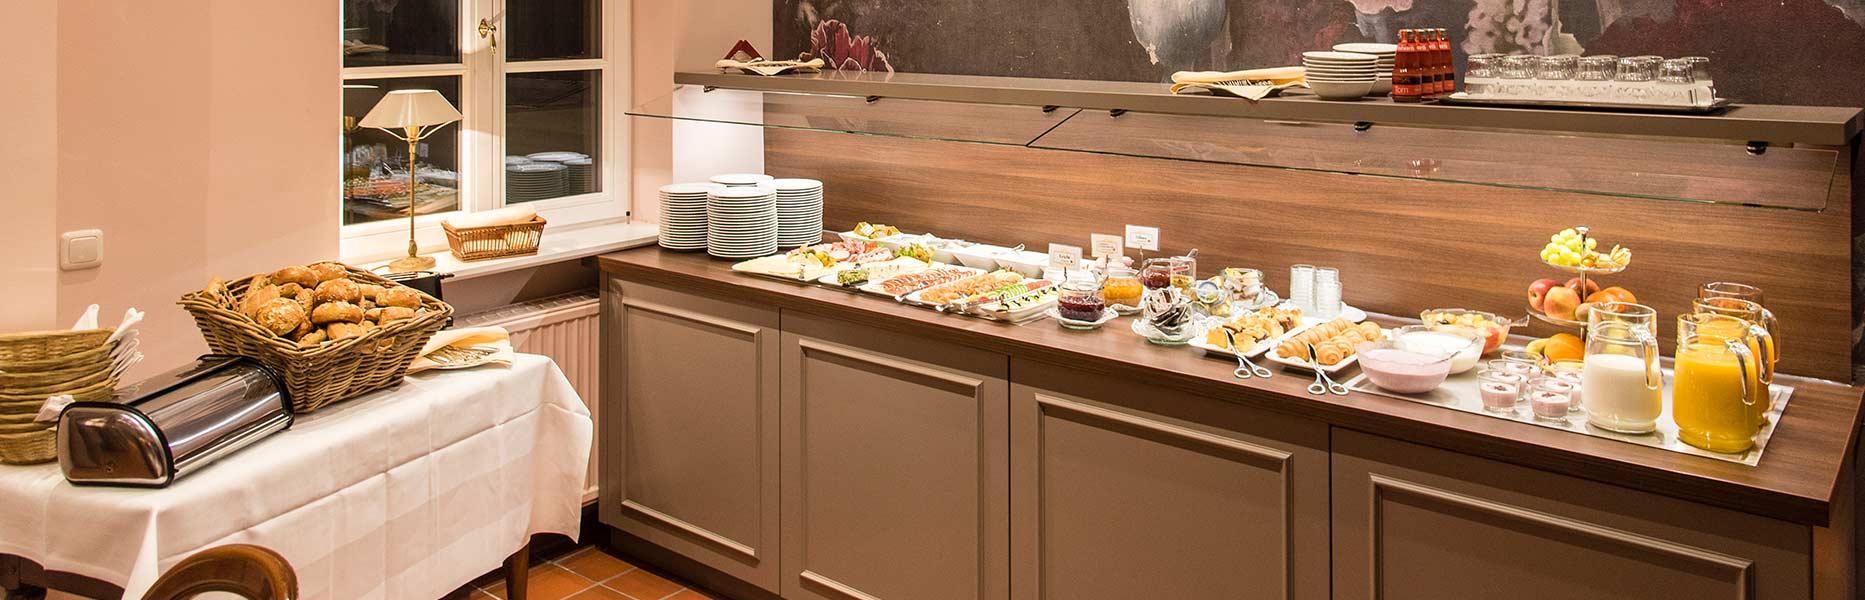 Frühstück im Klassik Altstadt Hotel Lübeck